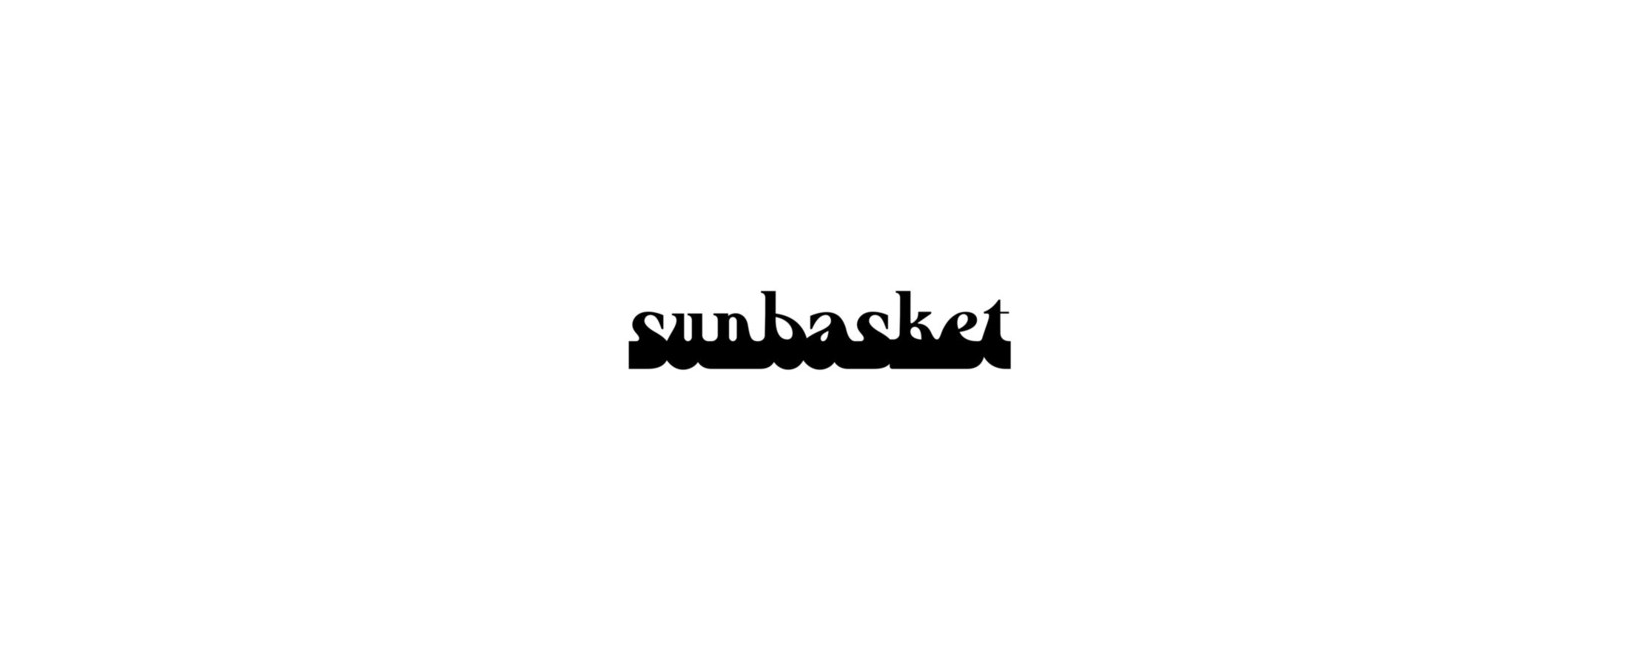 Sun basket Coupon Code 2021